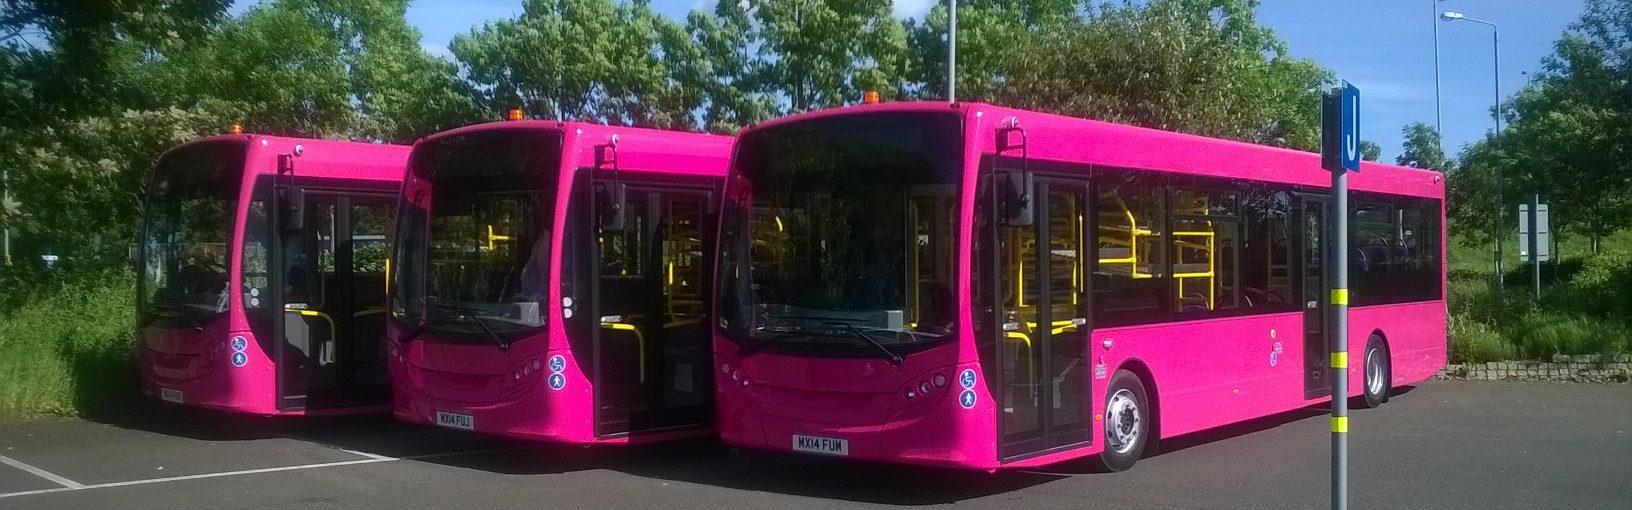 Car Park & Shuttle Buses